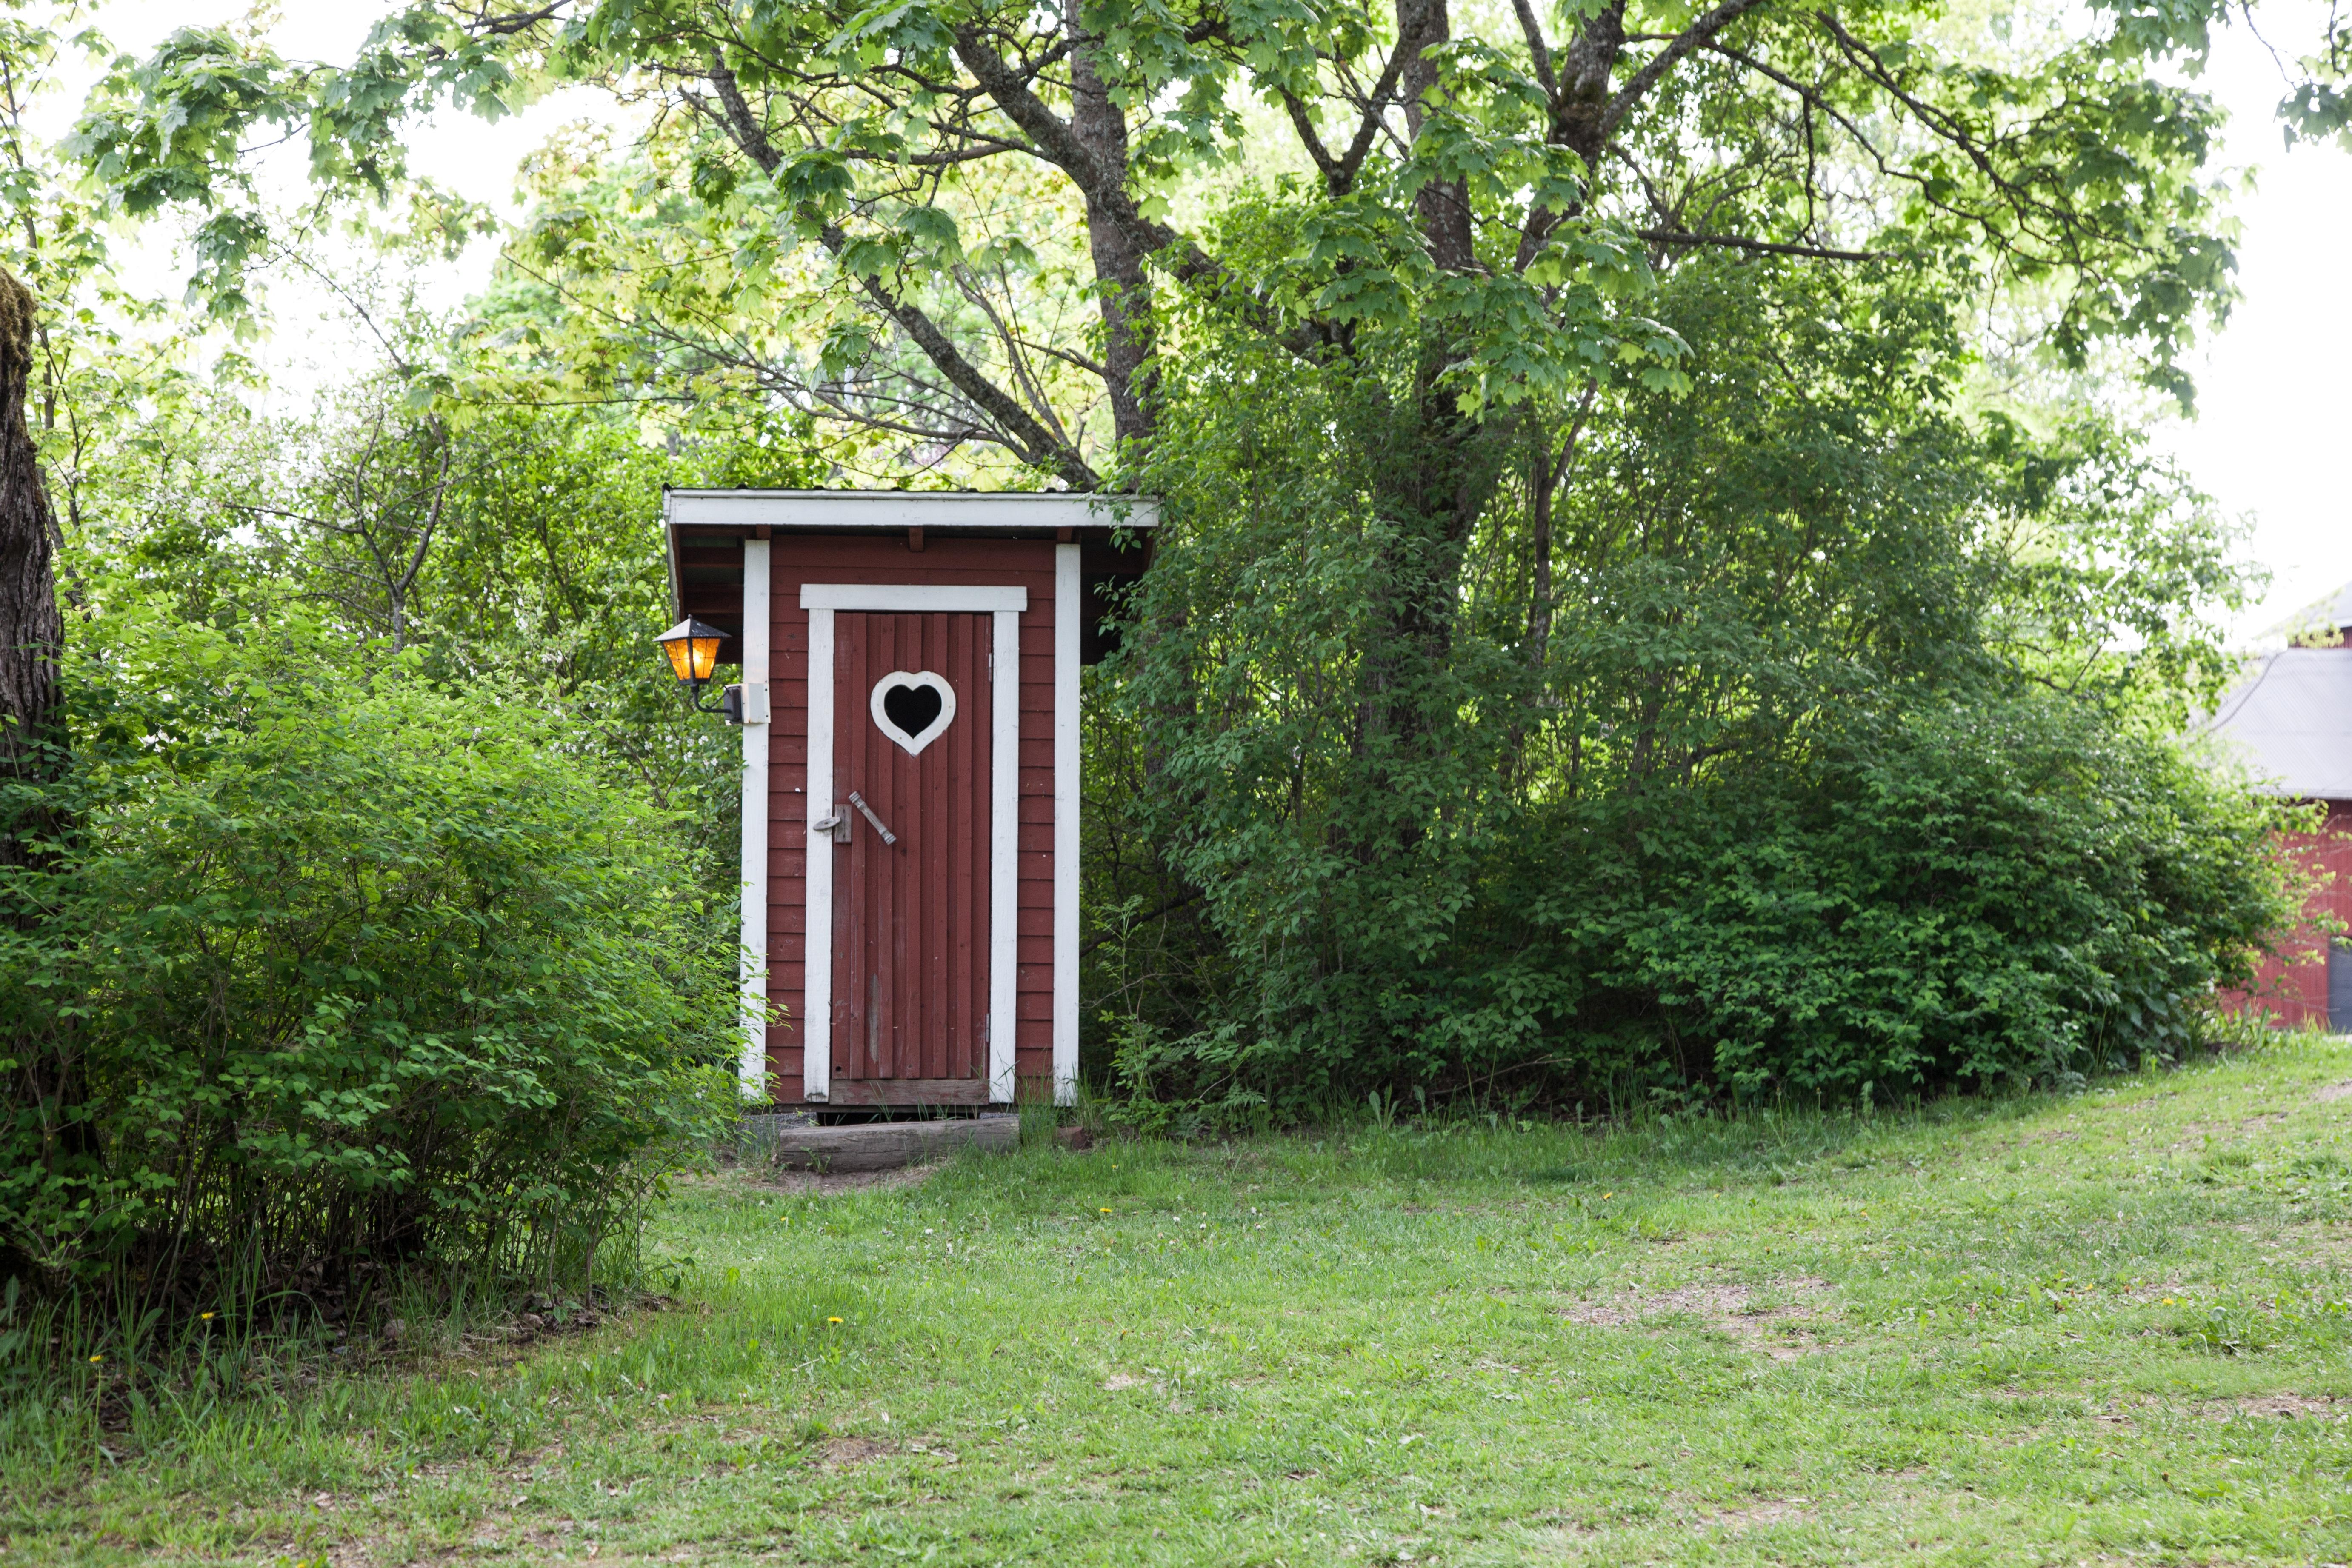 Sanitair Van Hout : Gratis afbeeldingen natuur buitenshuis architectuur hout